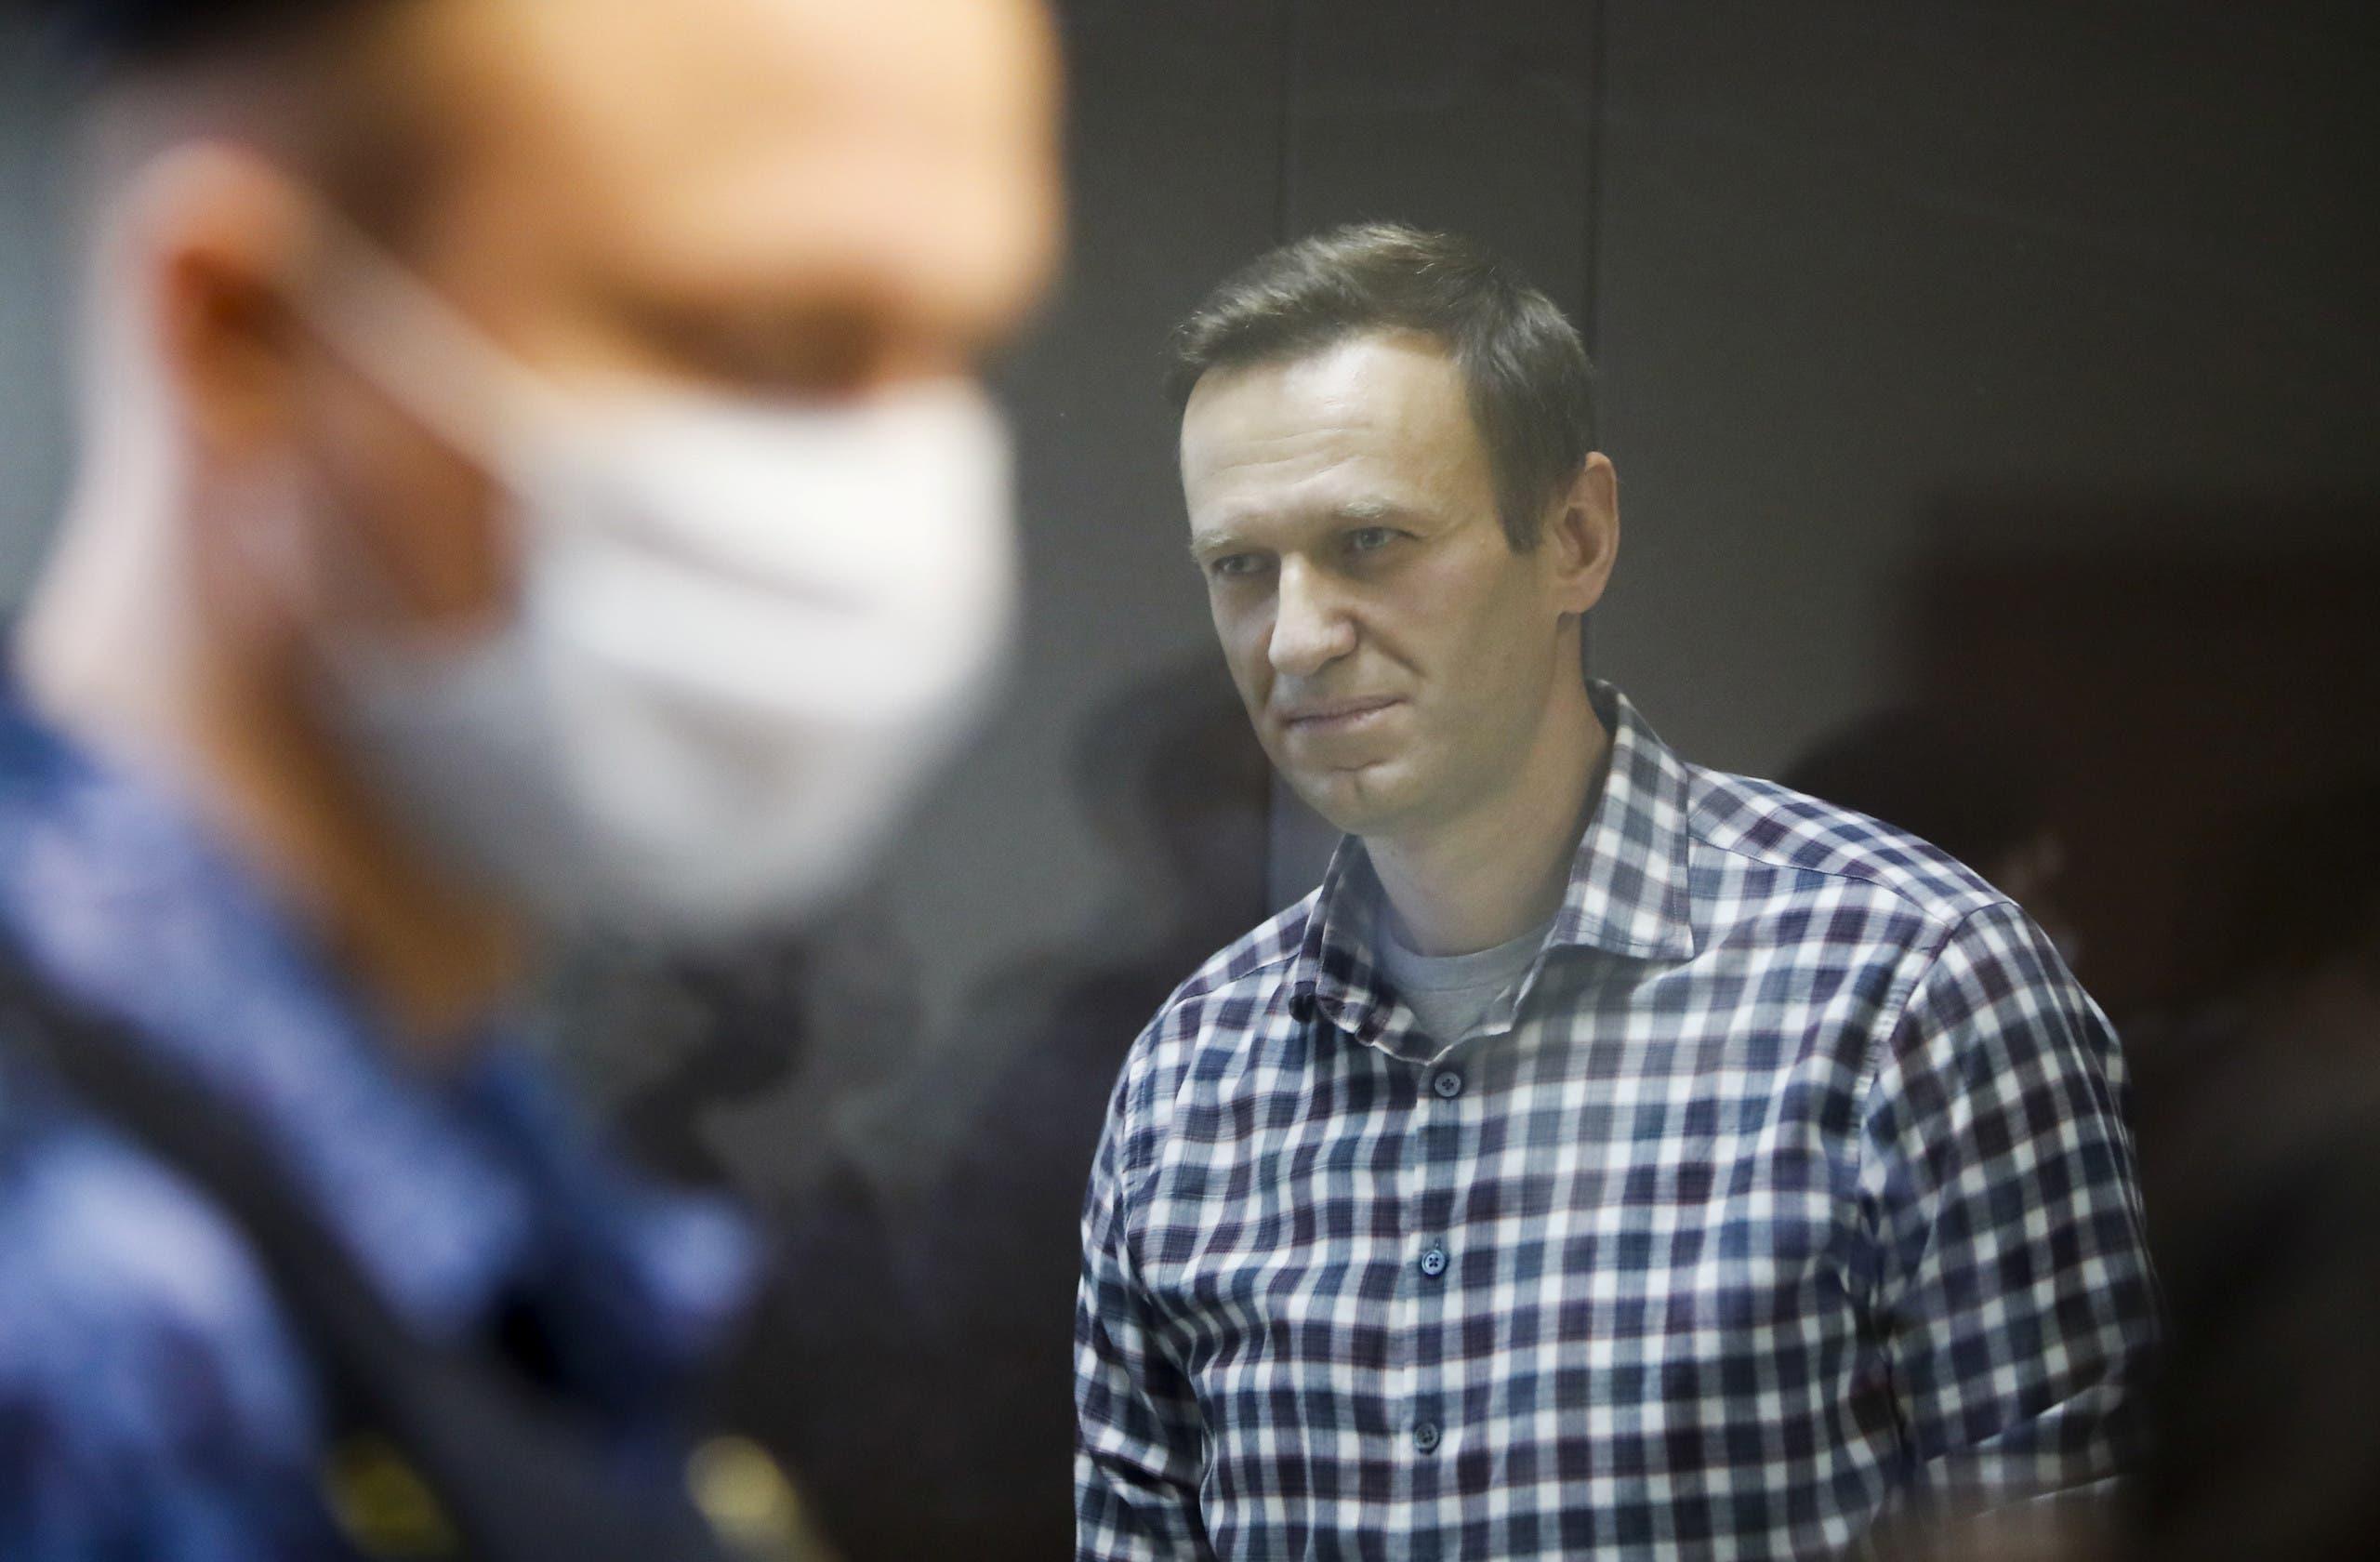 المعارض الروسي اليكسي نافالني خلال إحدى جسلات محاكمة في موسكو في فبراير الماضي